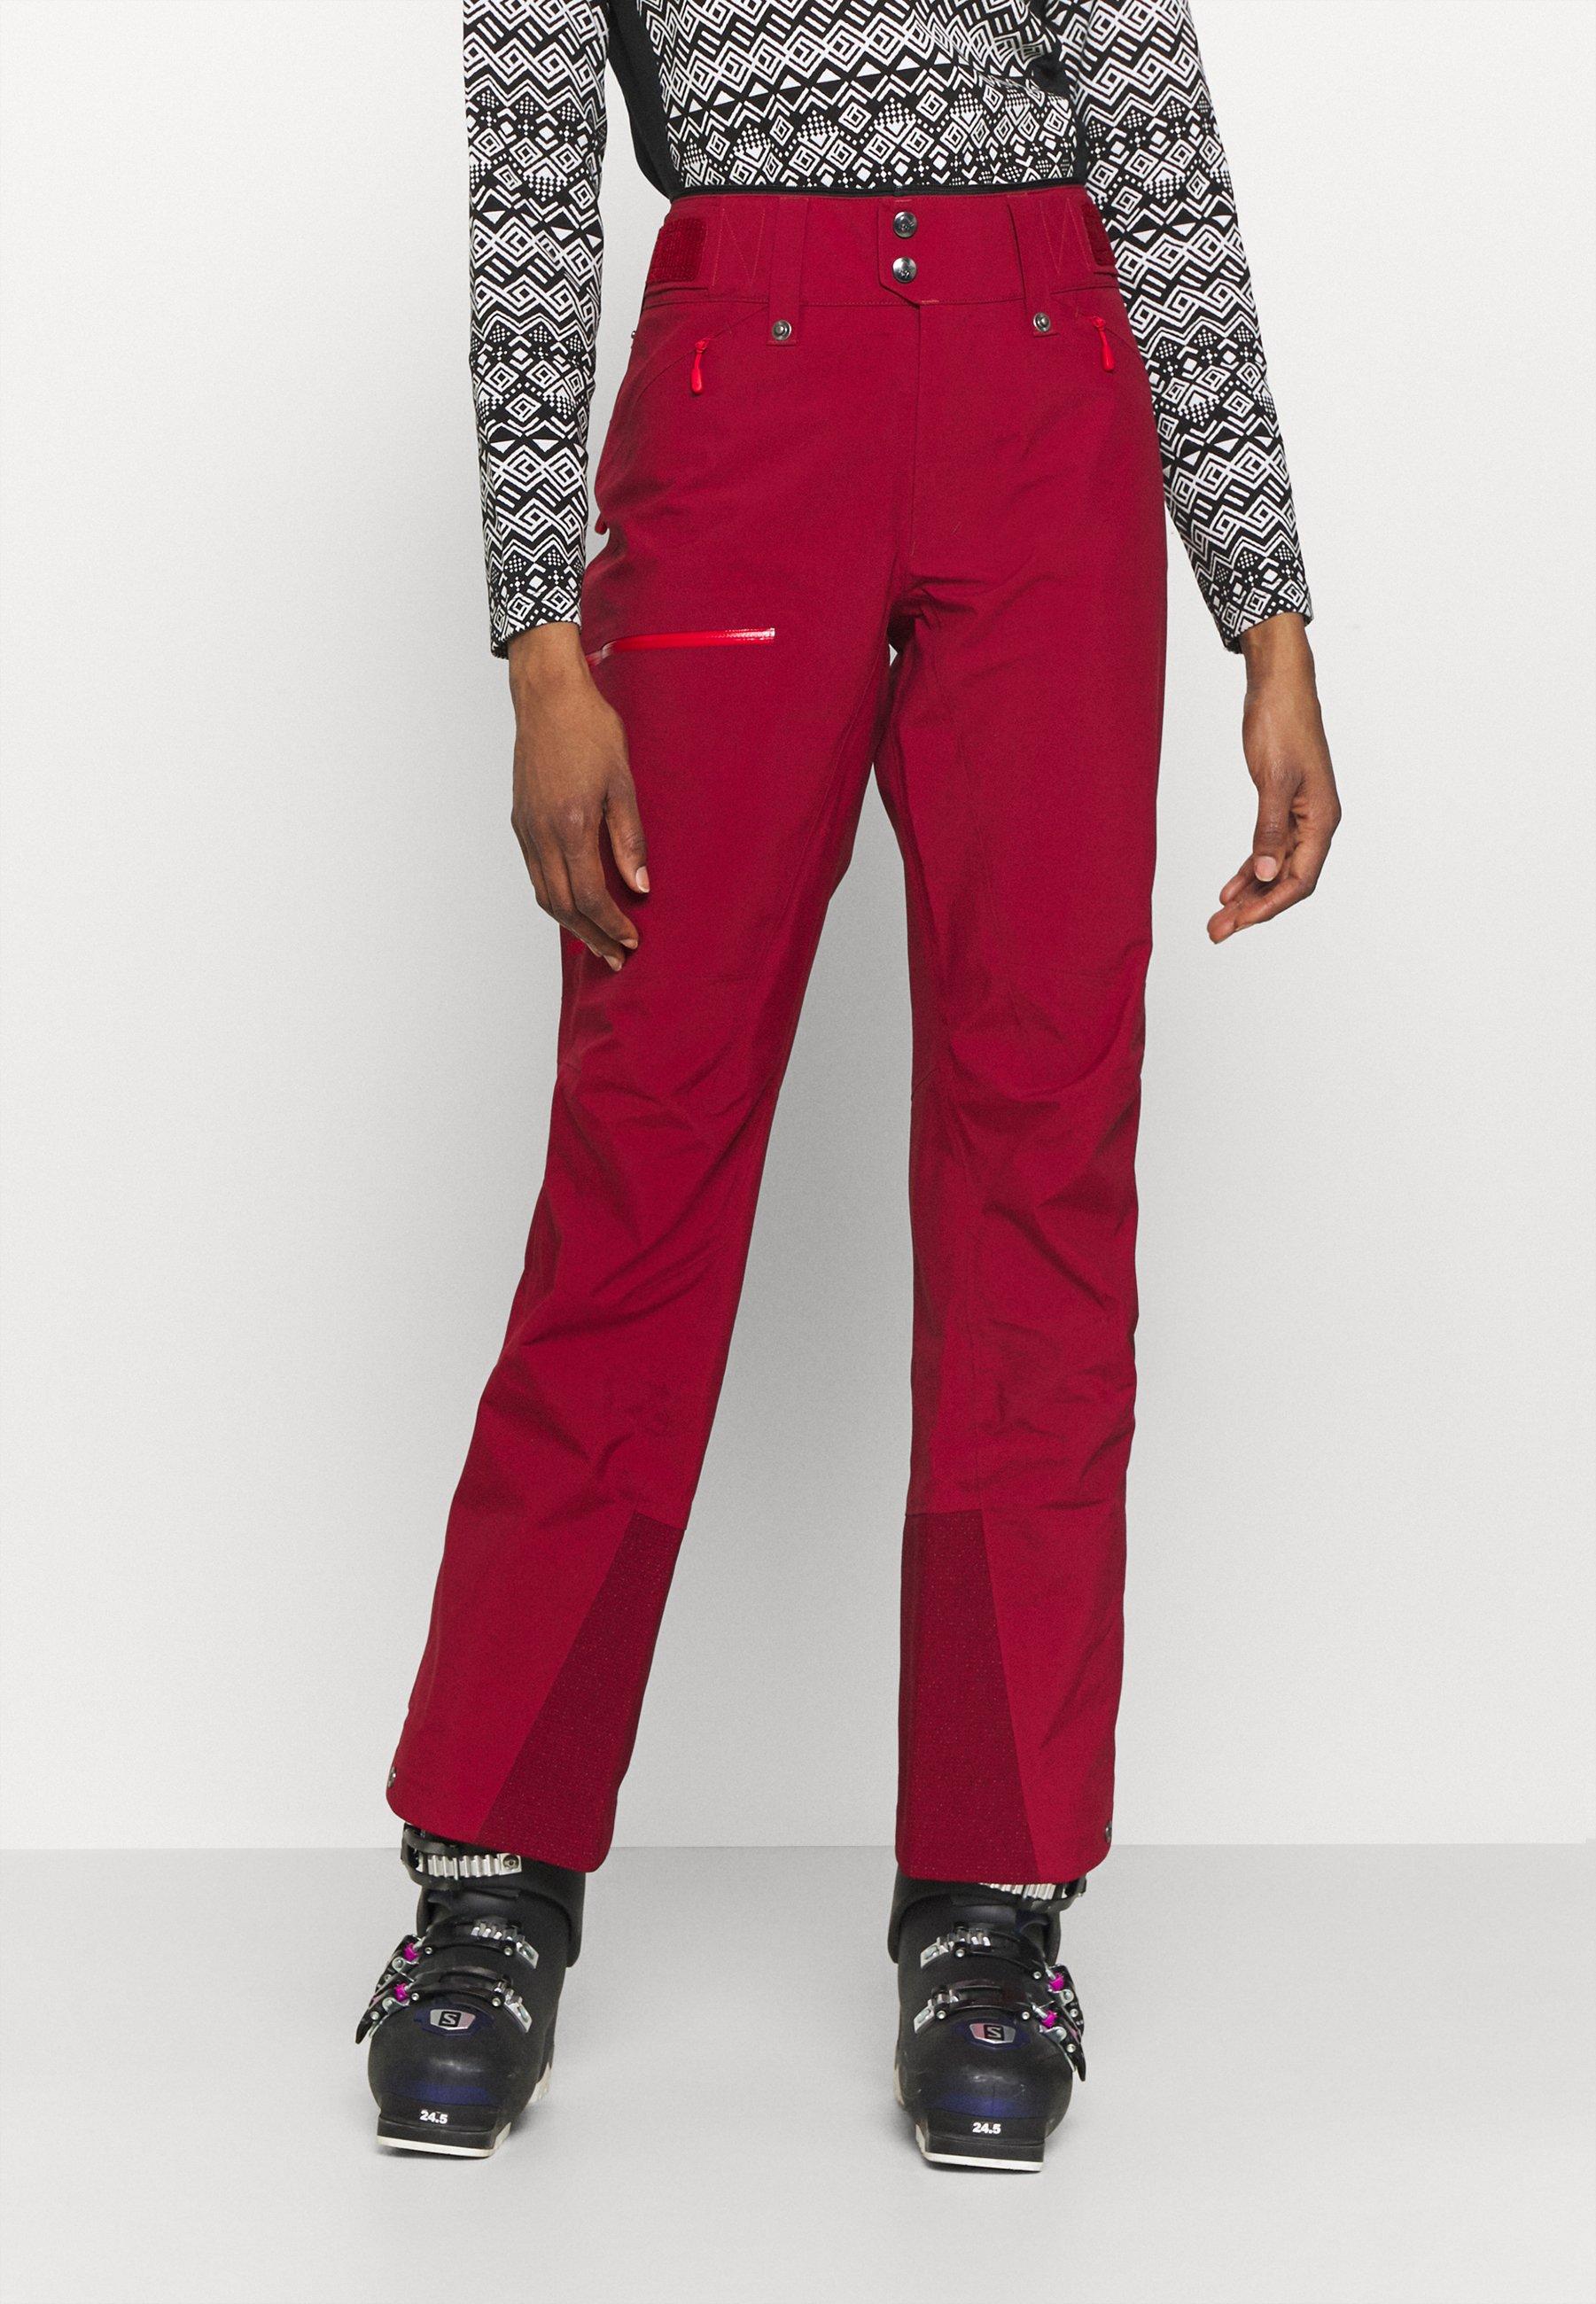 Femme LOFOTEN PANTS - Pantalon de ski